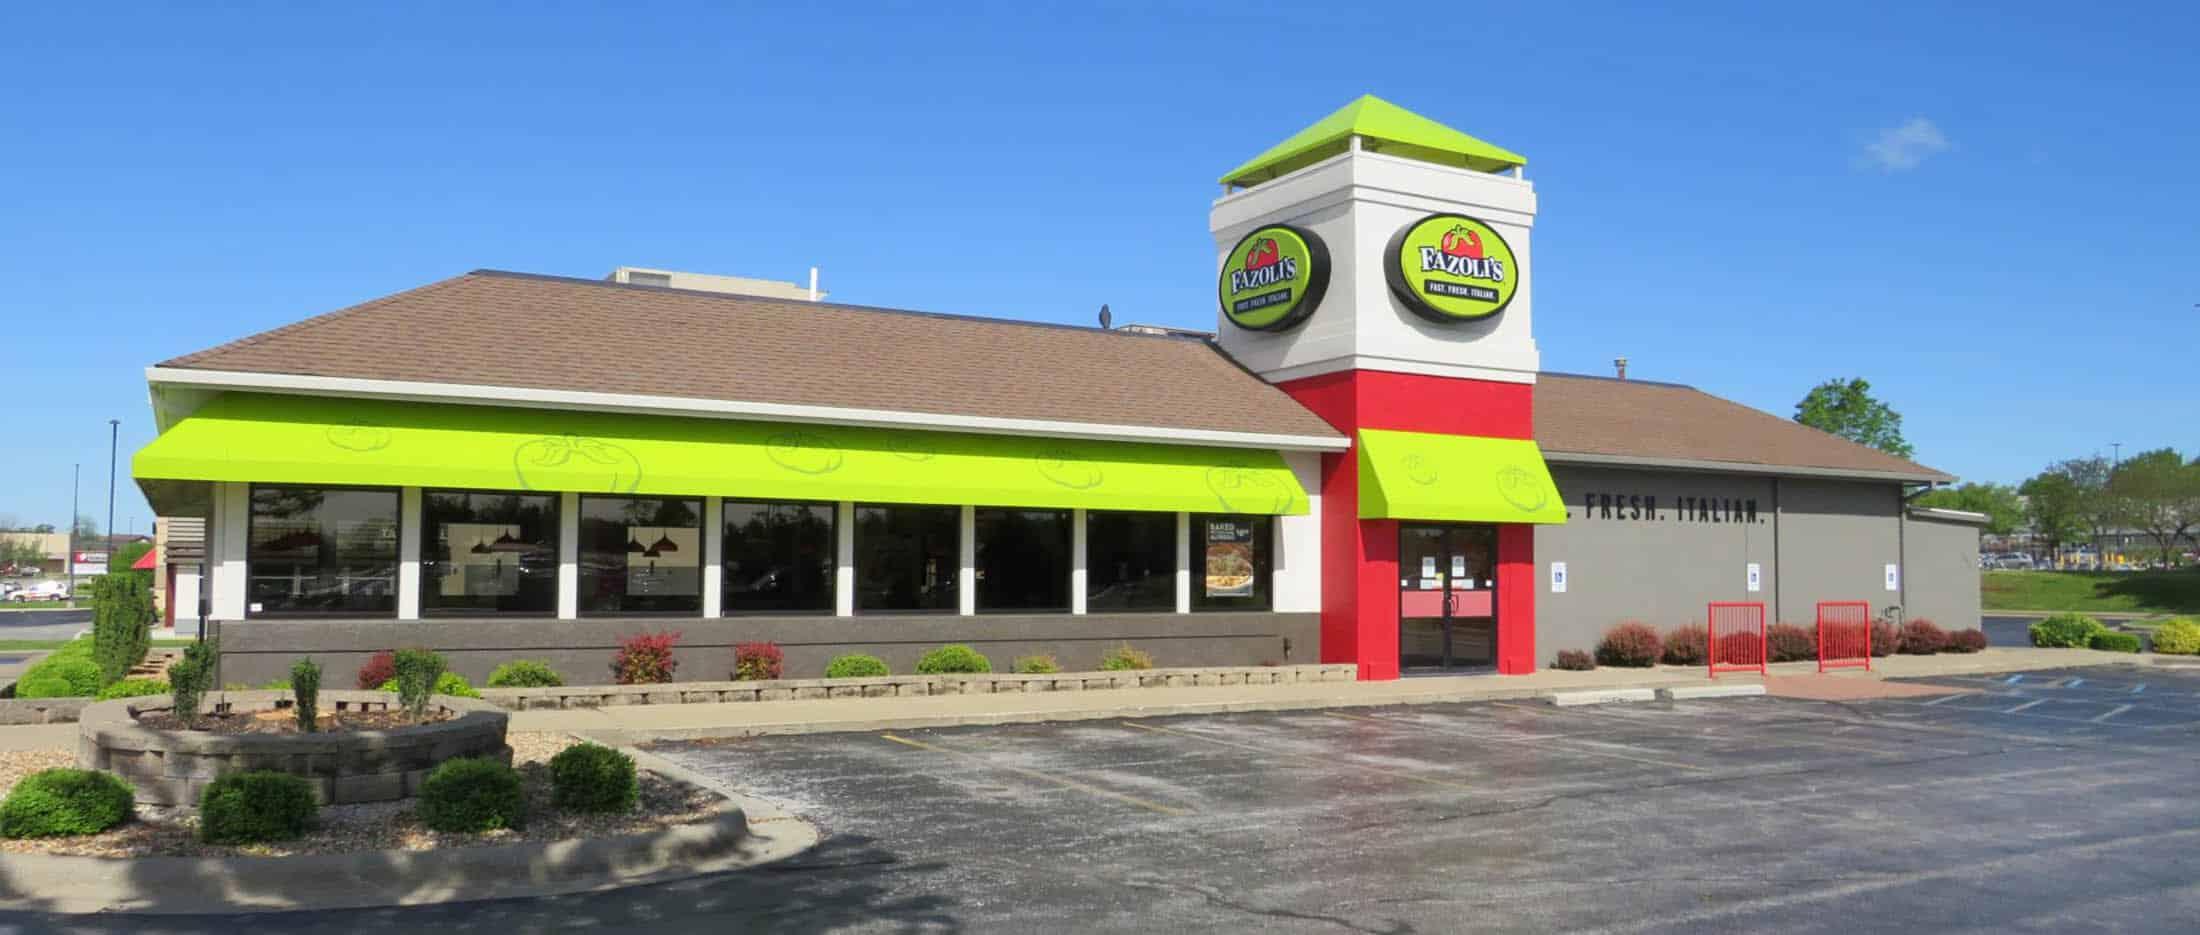 Fazoli's Restaurant Renovations By Friga Constructions Springfield MO